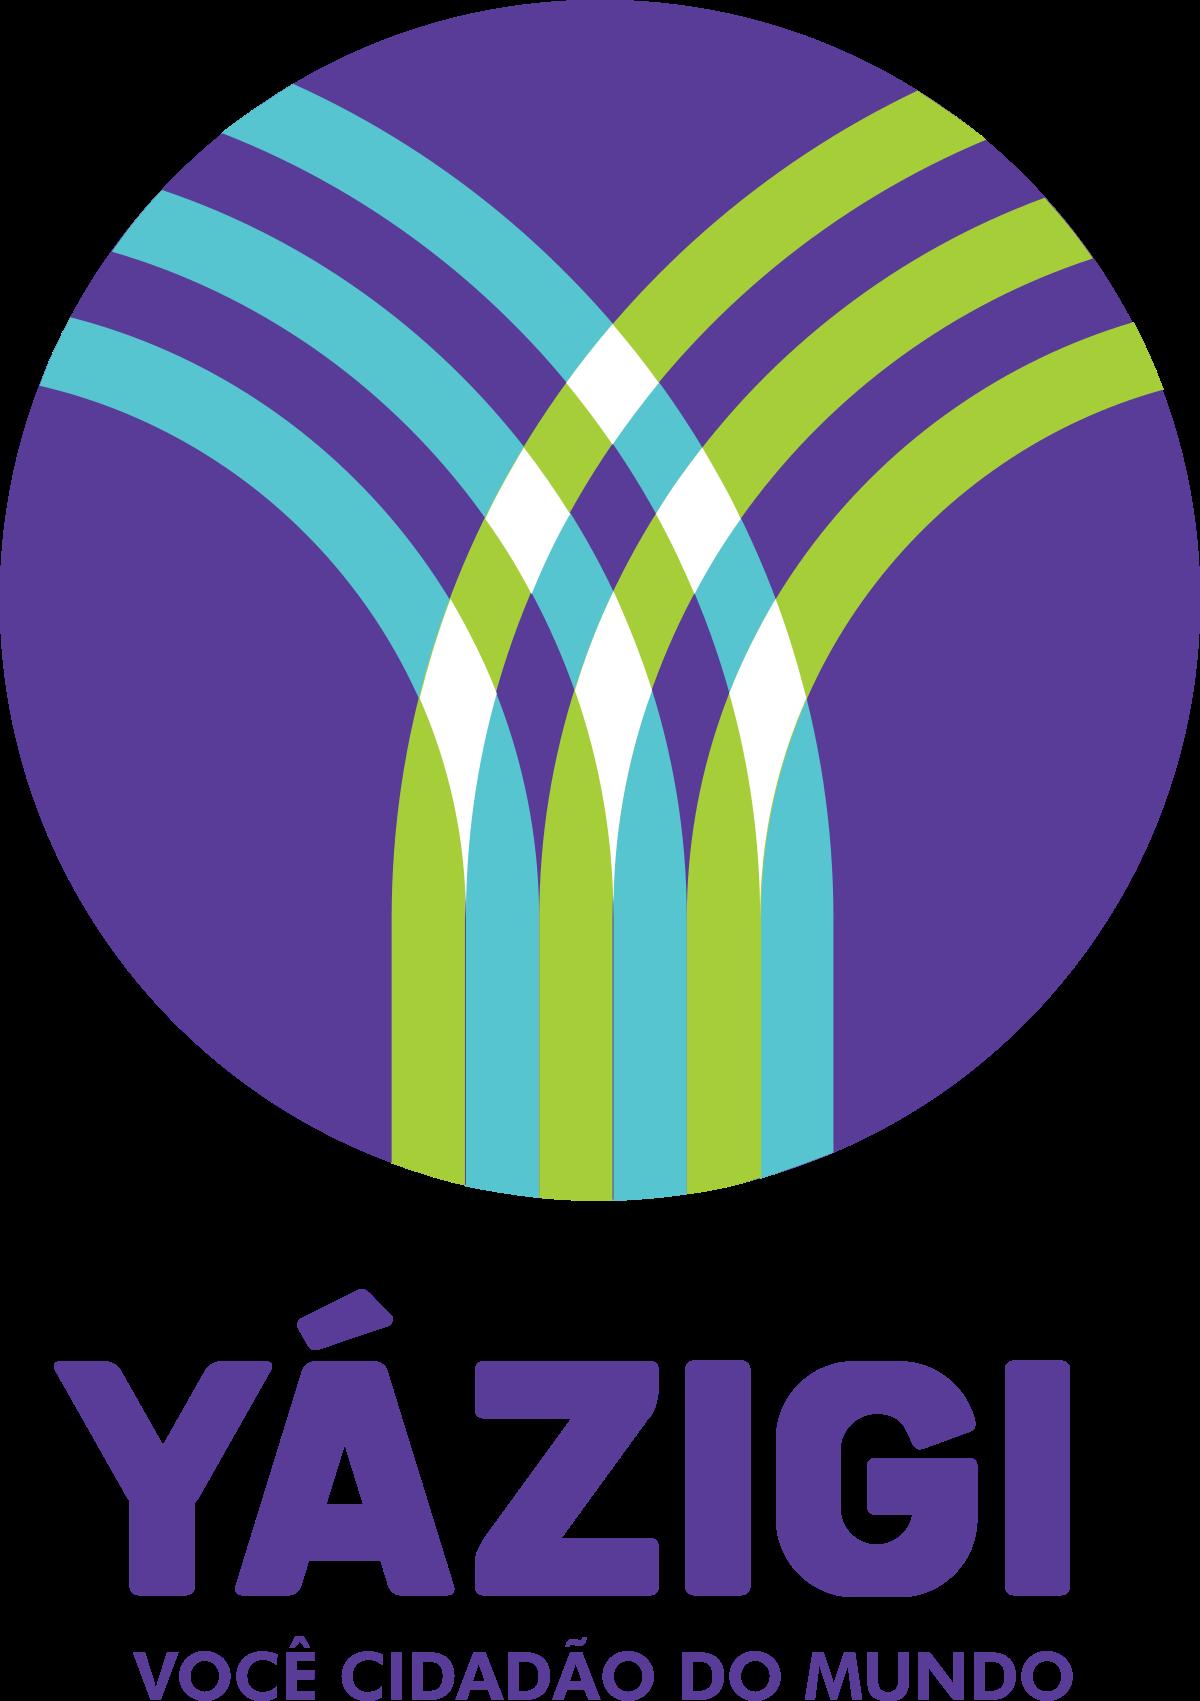 yazigi-logo-4